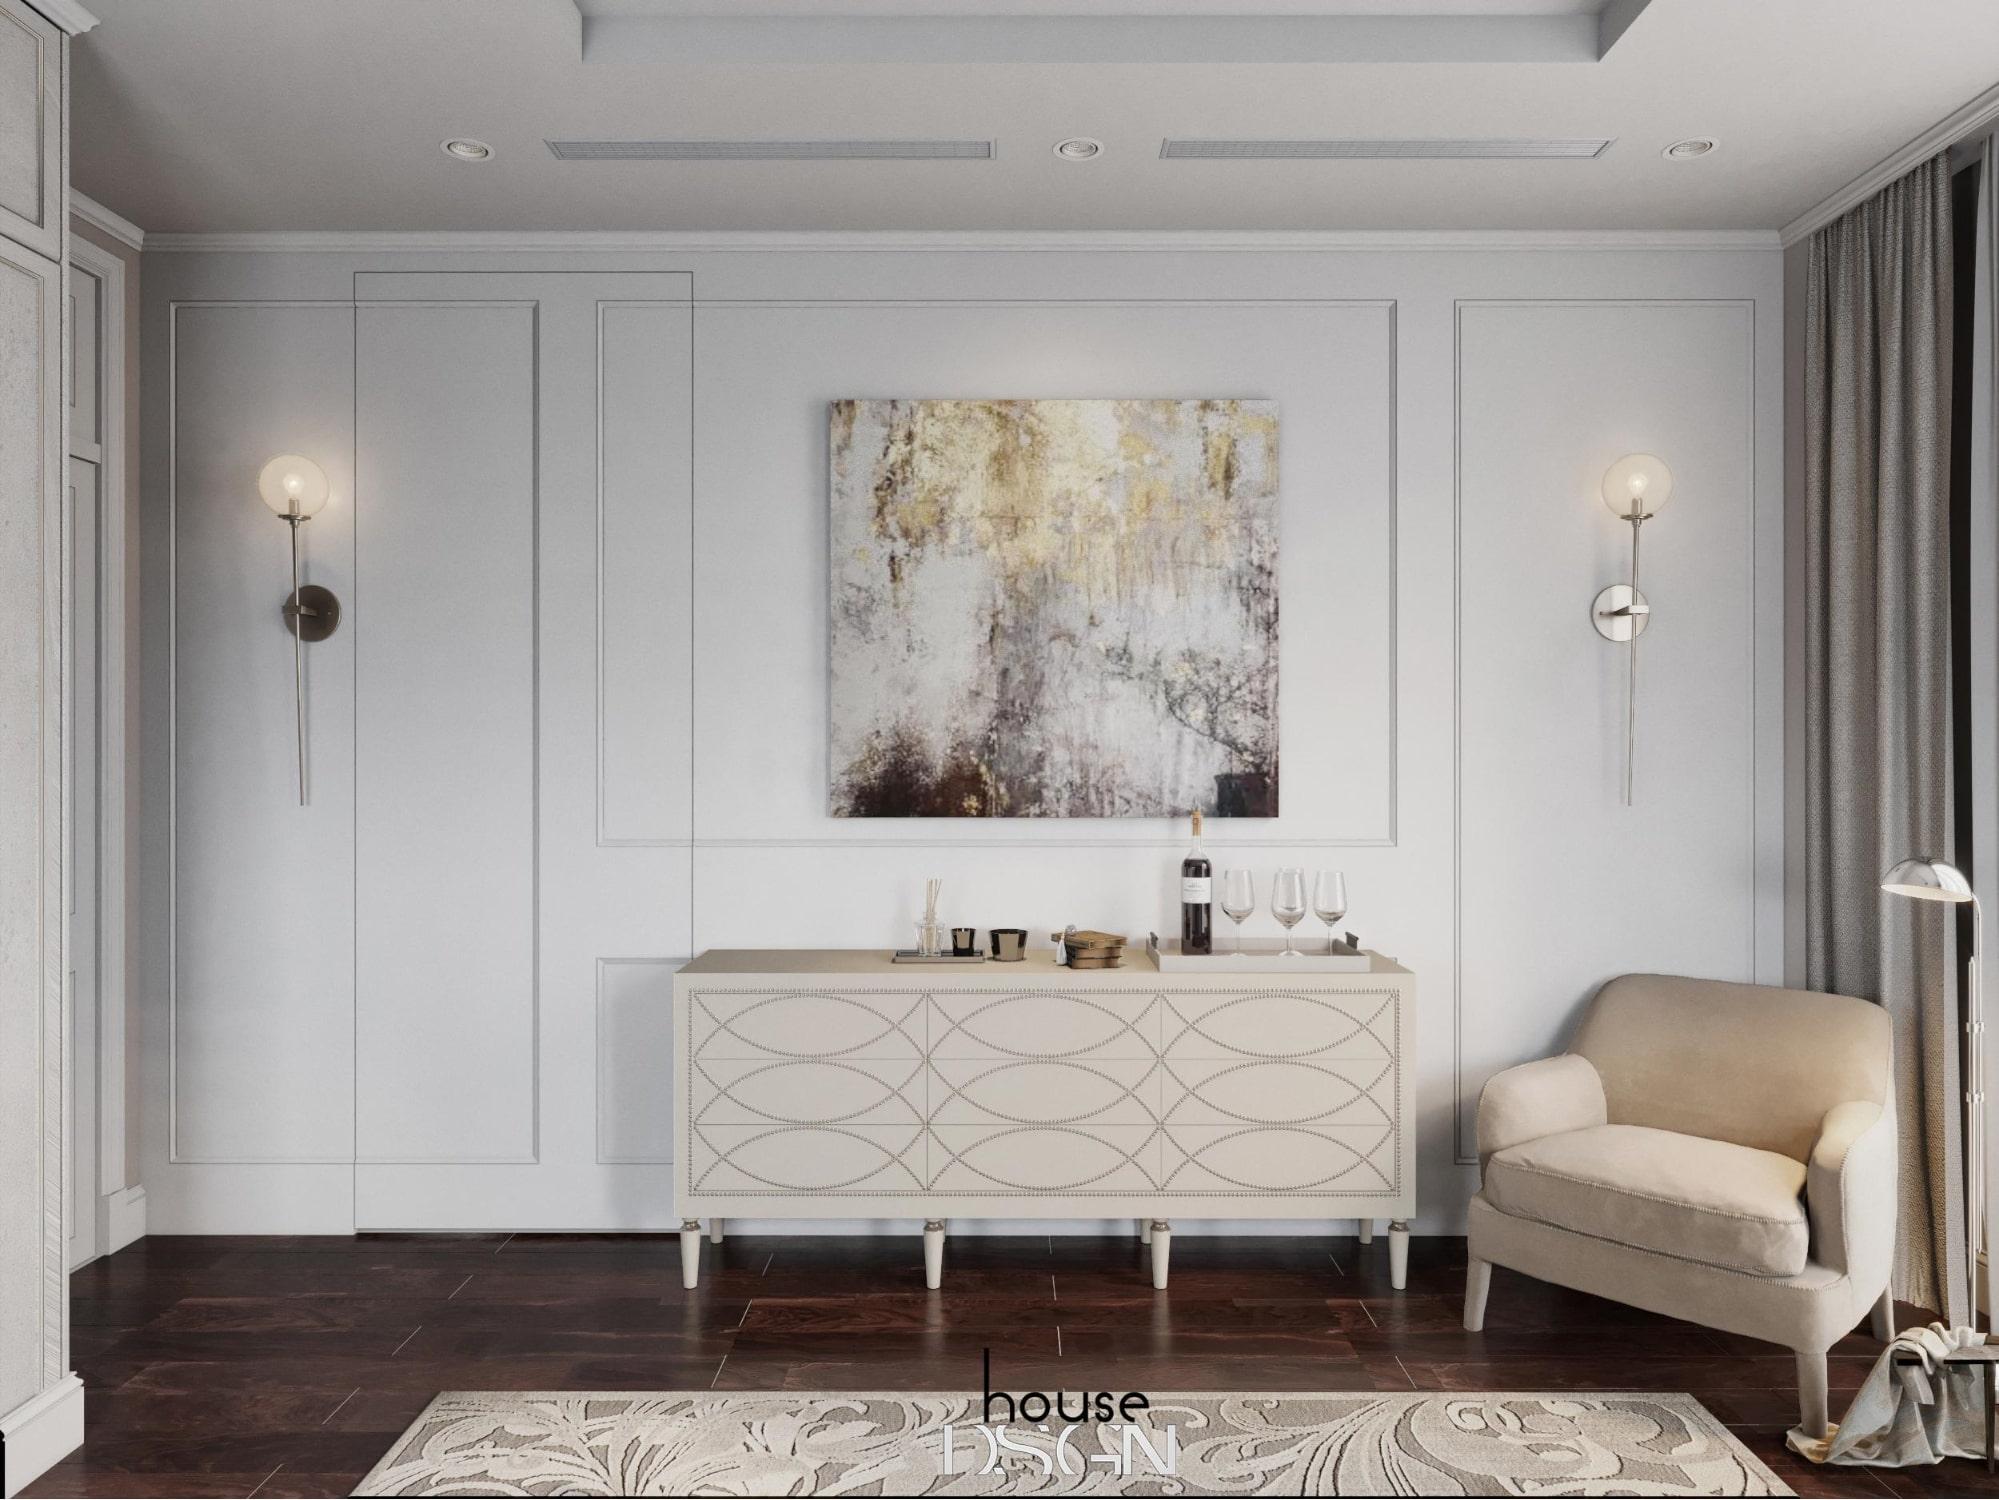 mẫu phong cách thiết kế nội thất biệt thự hiện đại